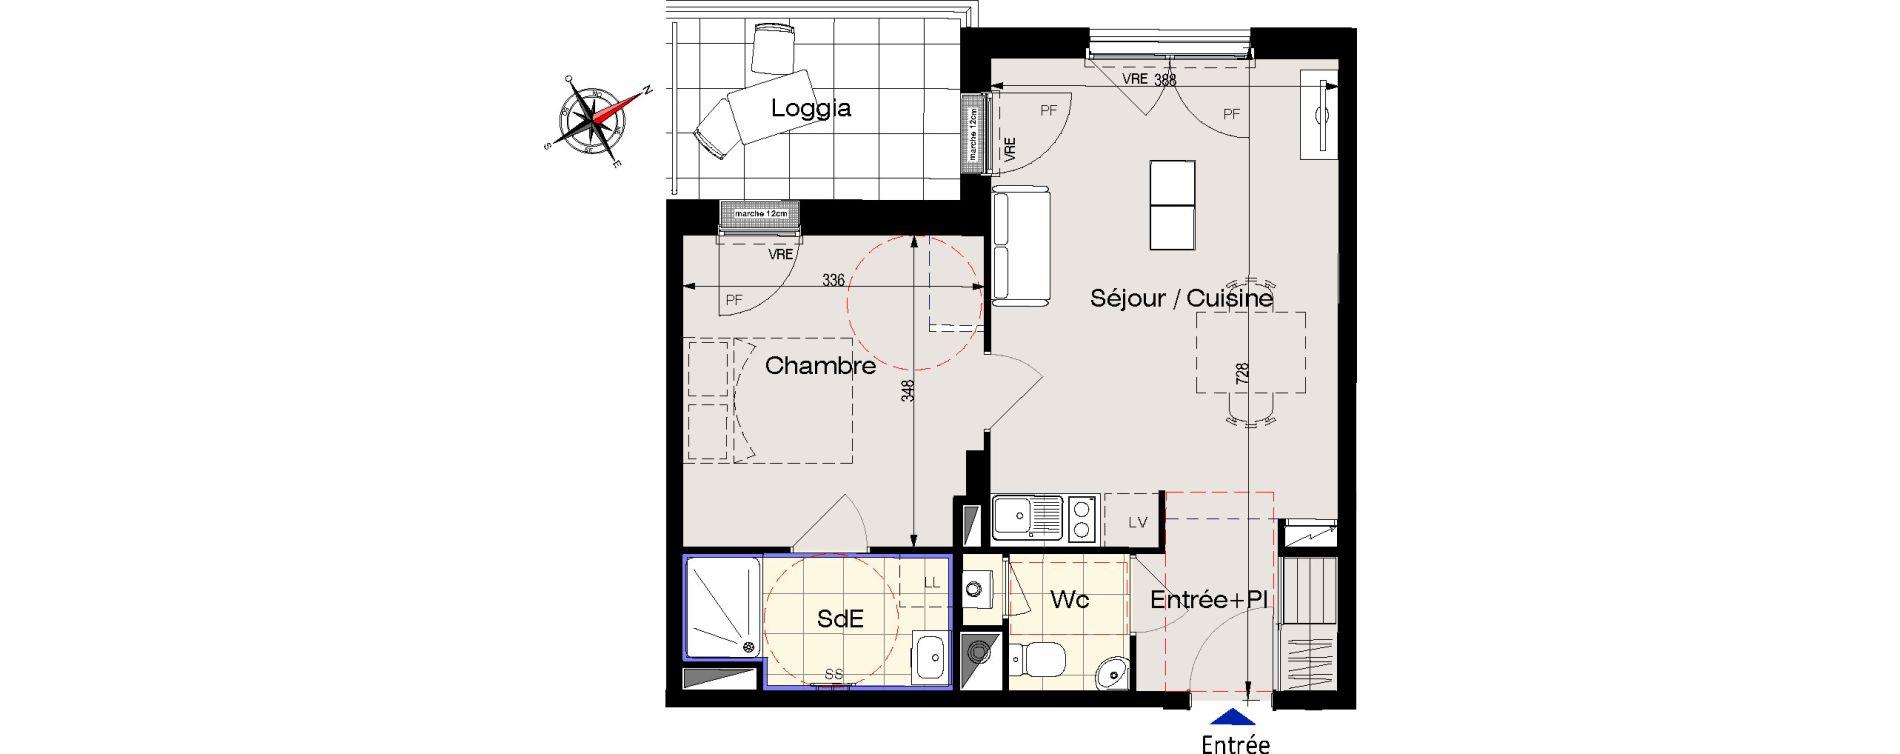 Appartement T2 de 42,60 m2 aux Sables-D'Olonne Olonne-sur-mer